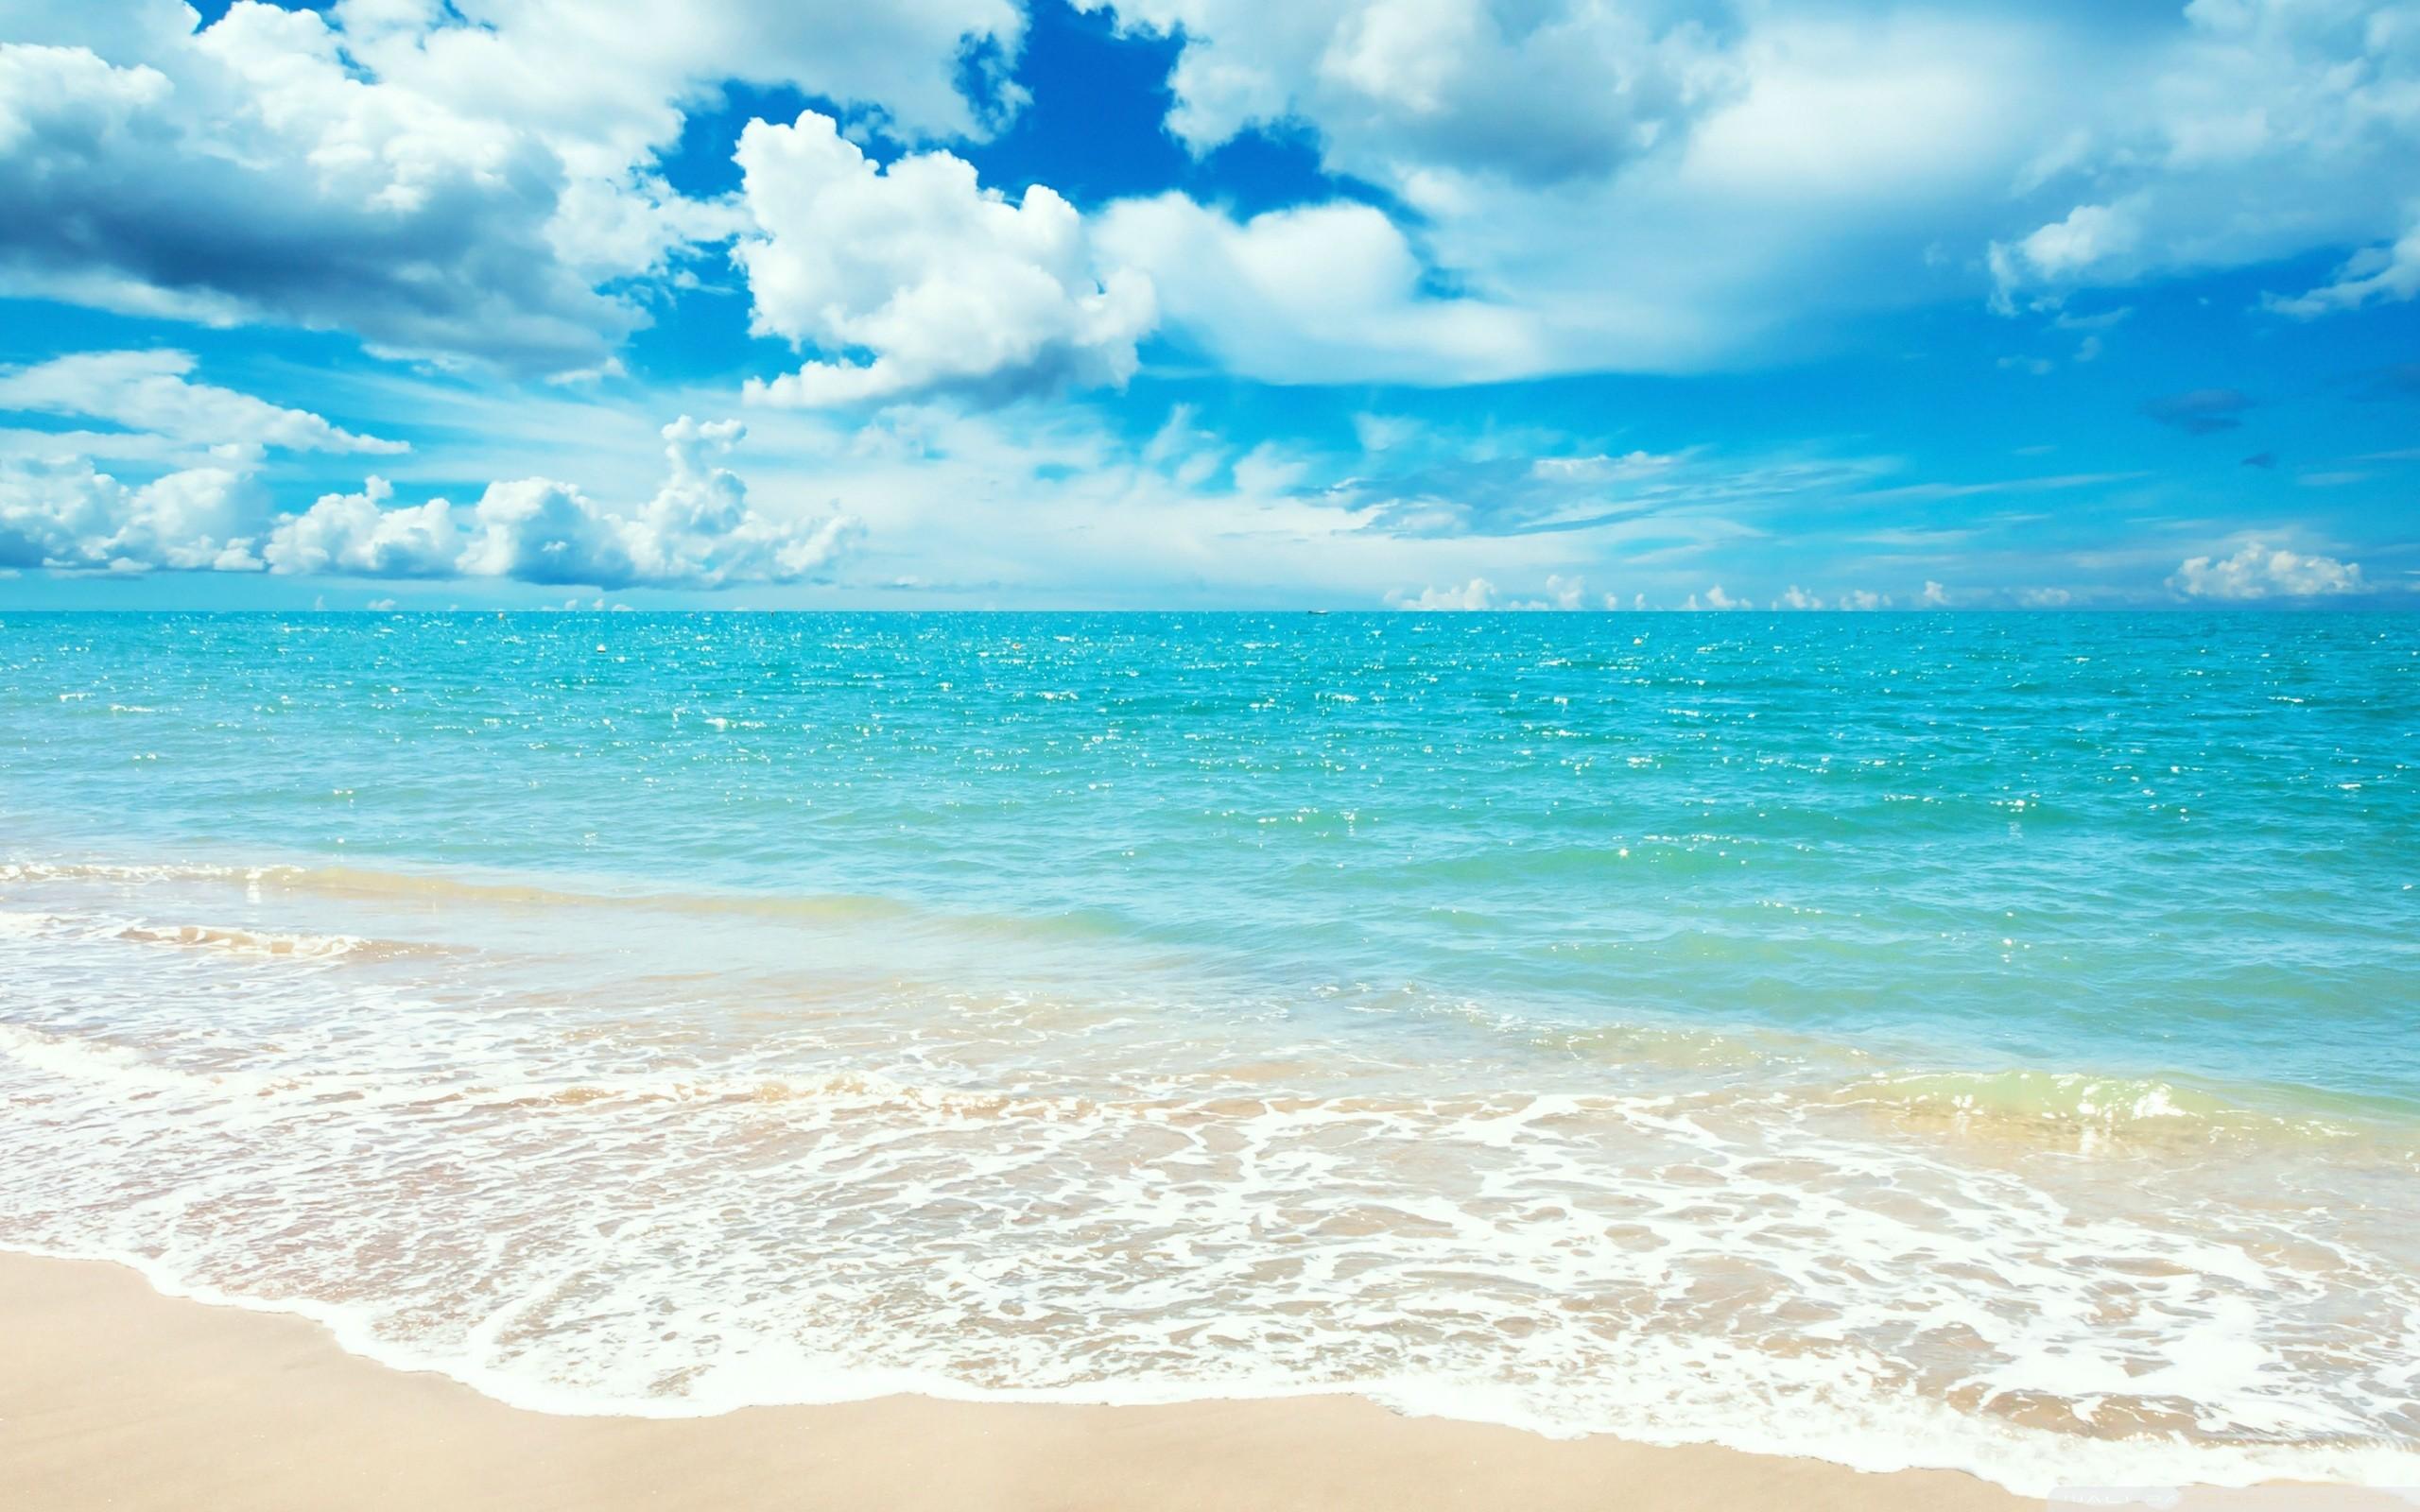 … beach wallpaper 3 …